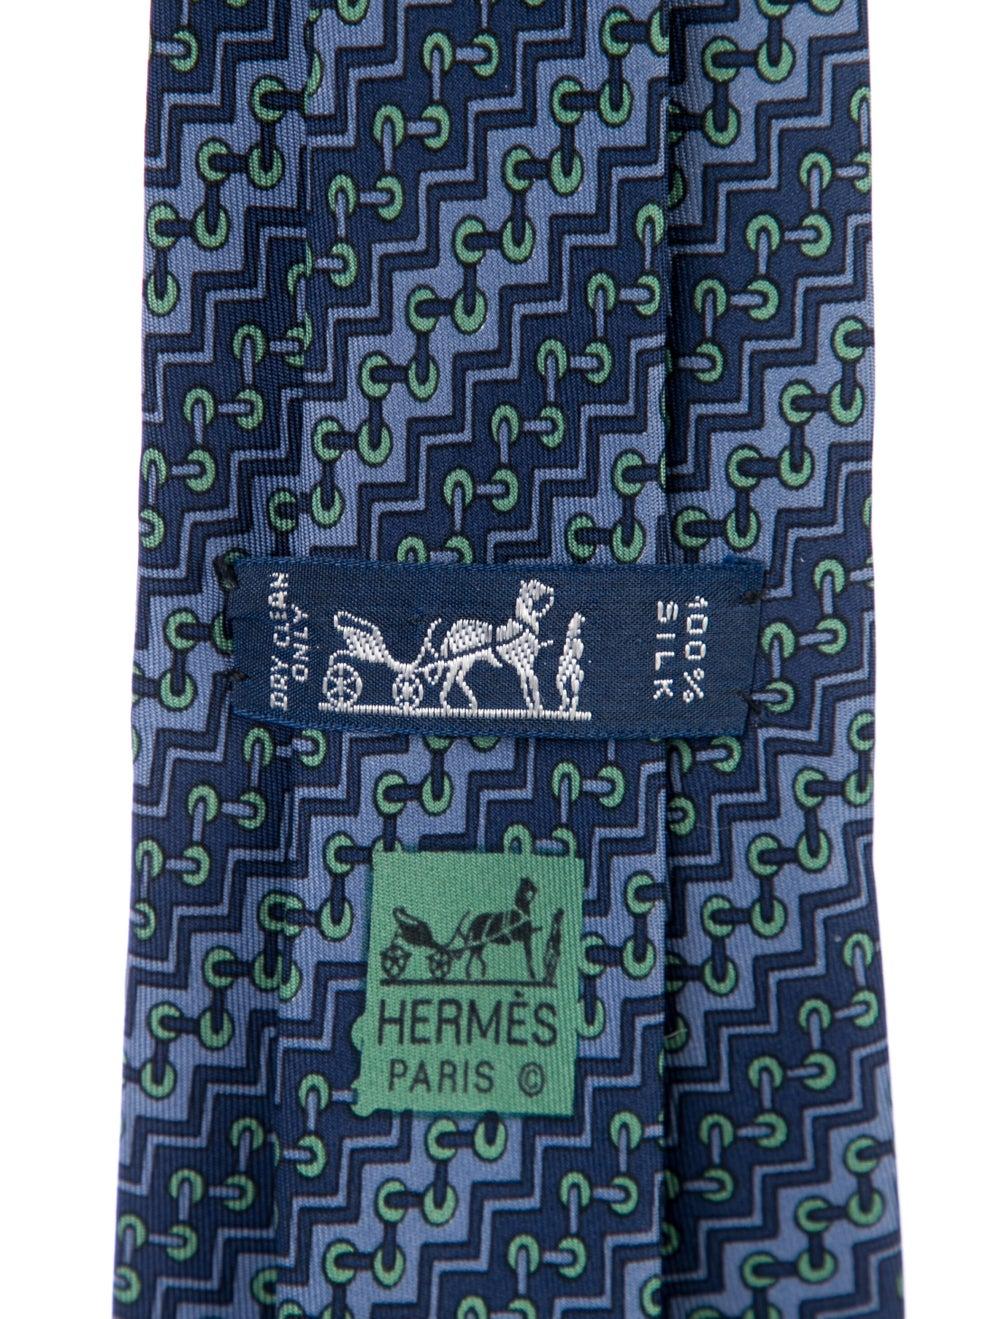 Hermès Silk Printed Tie blue - image 2